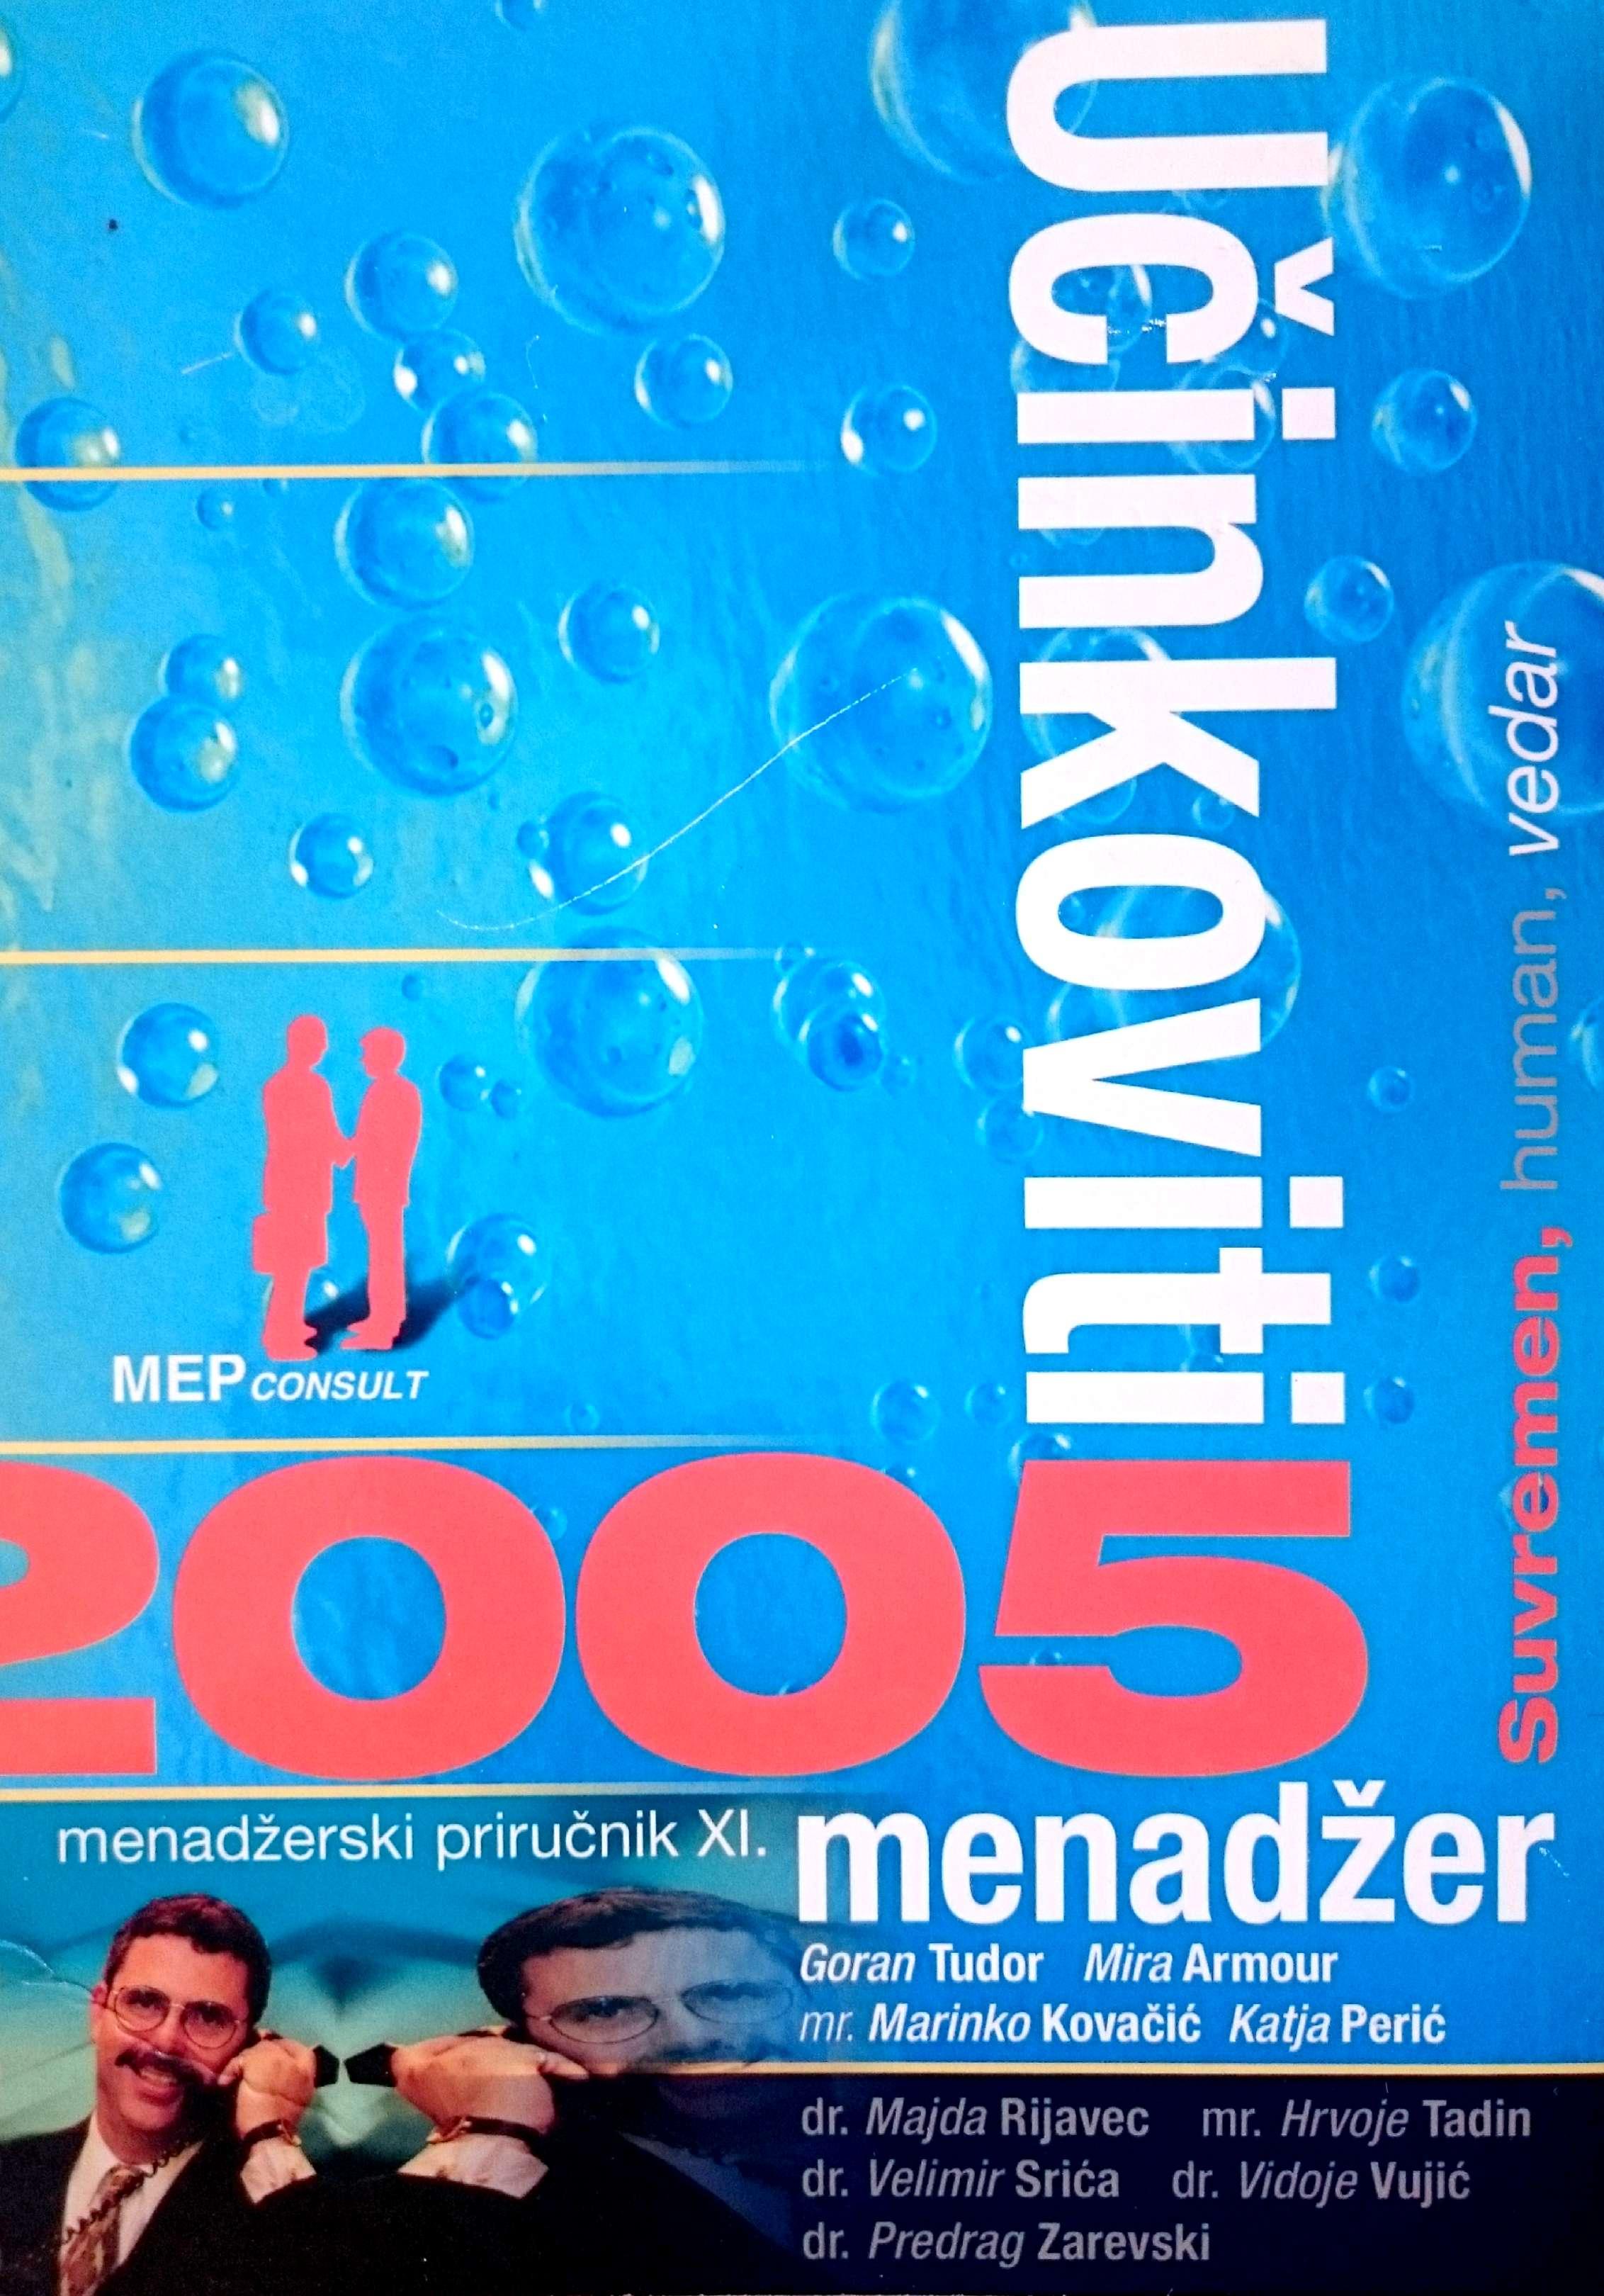 UČINKOVITI MENADŽER 2005 - Naruči svoju knjigu